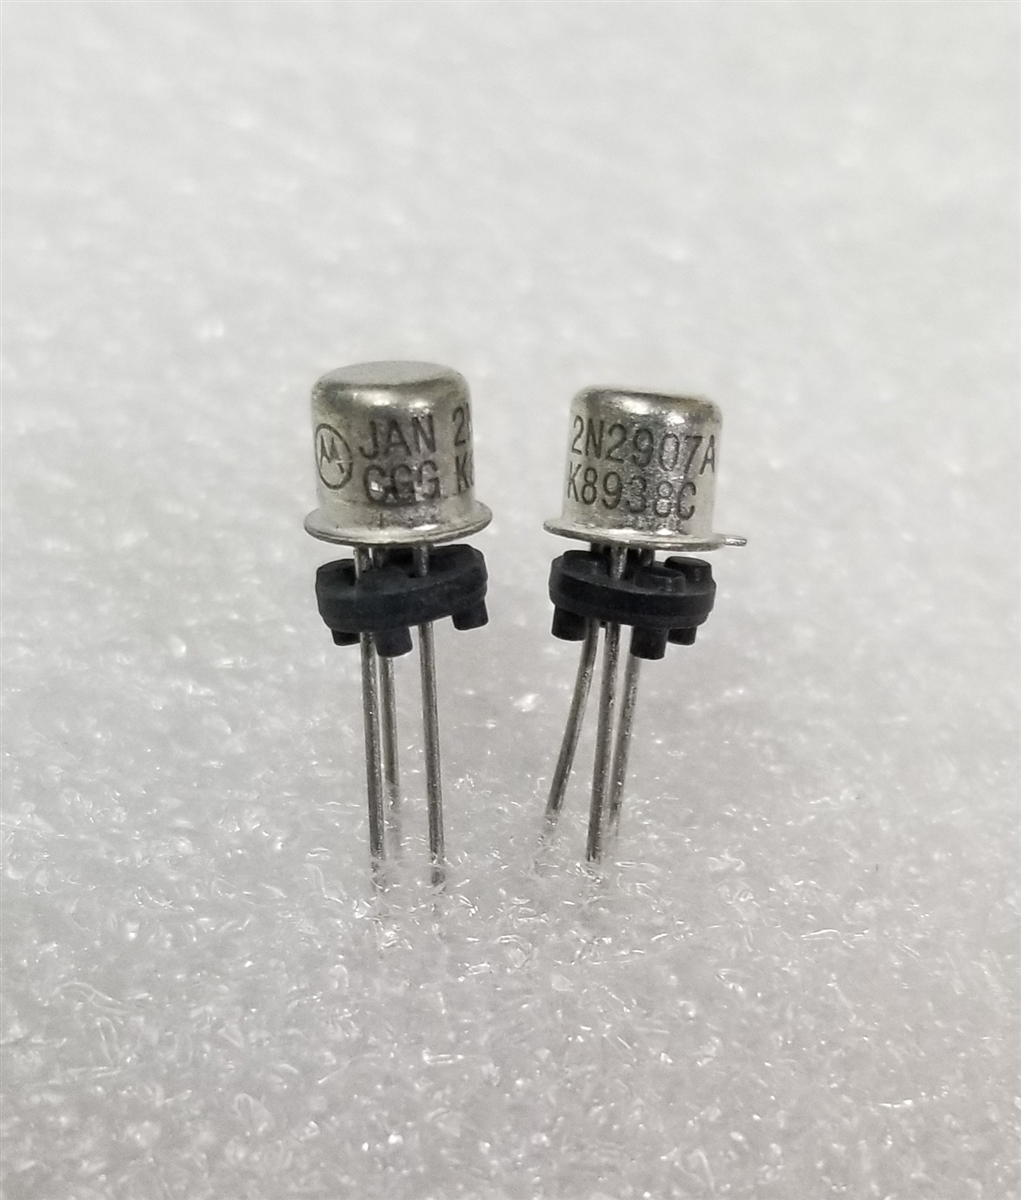 JAN2N2907A MOT Switching PNP Transistor TO-18 Mil Spec